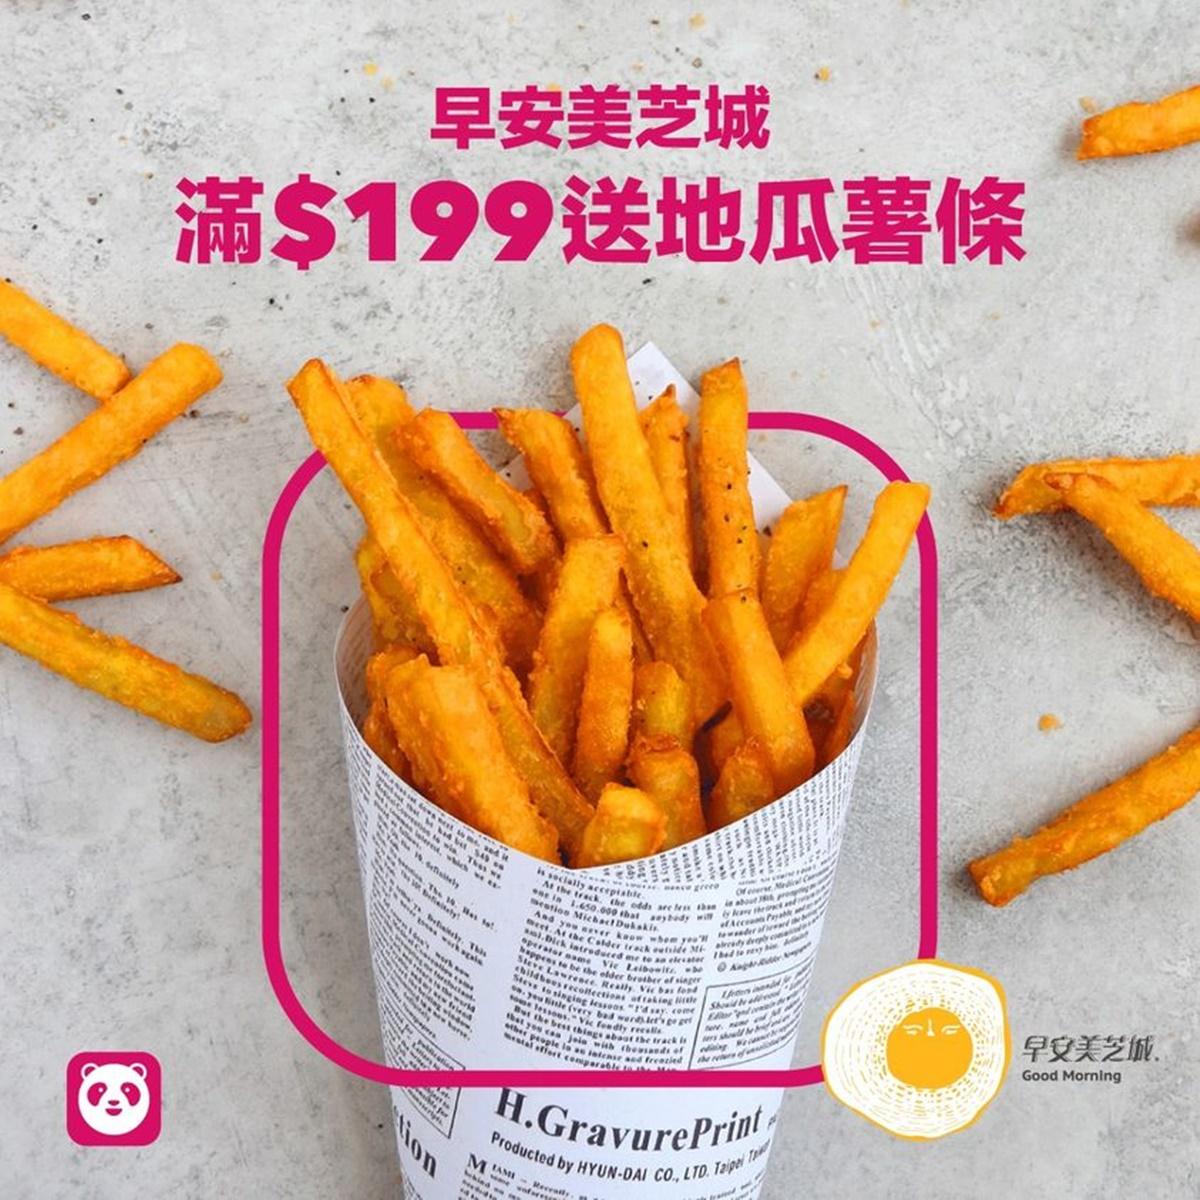 星巴克、麥當勞買一送一!Foodpanda必收「6月優惠」,多達20項好康任你用! @蹦啾♥謝蘿莉 La vie heureuse